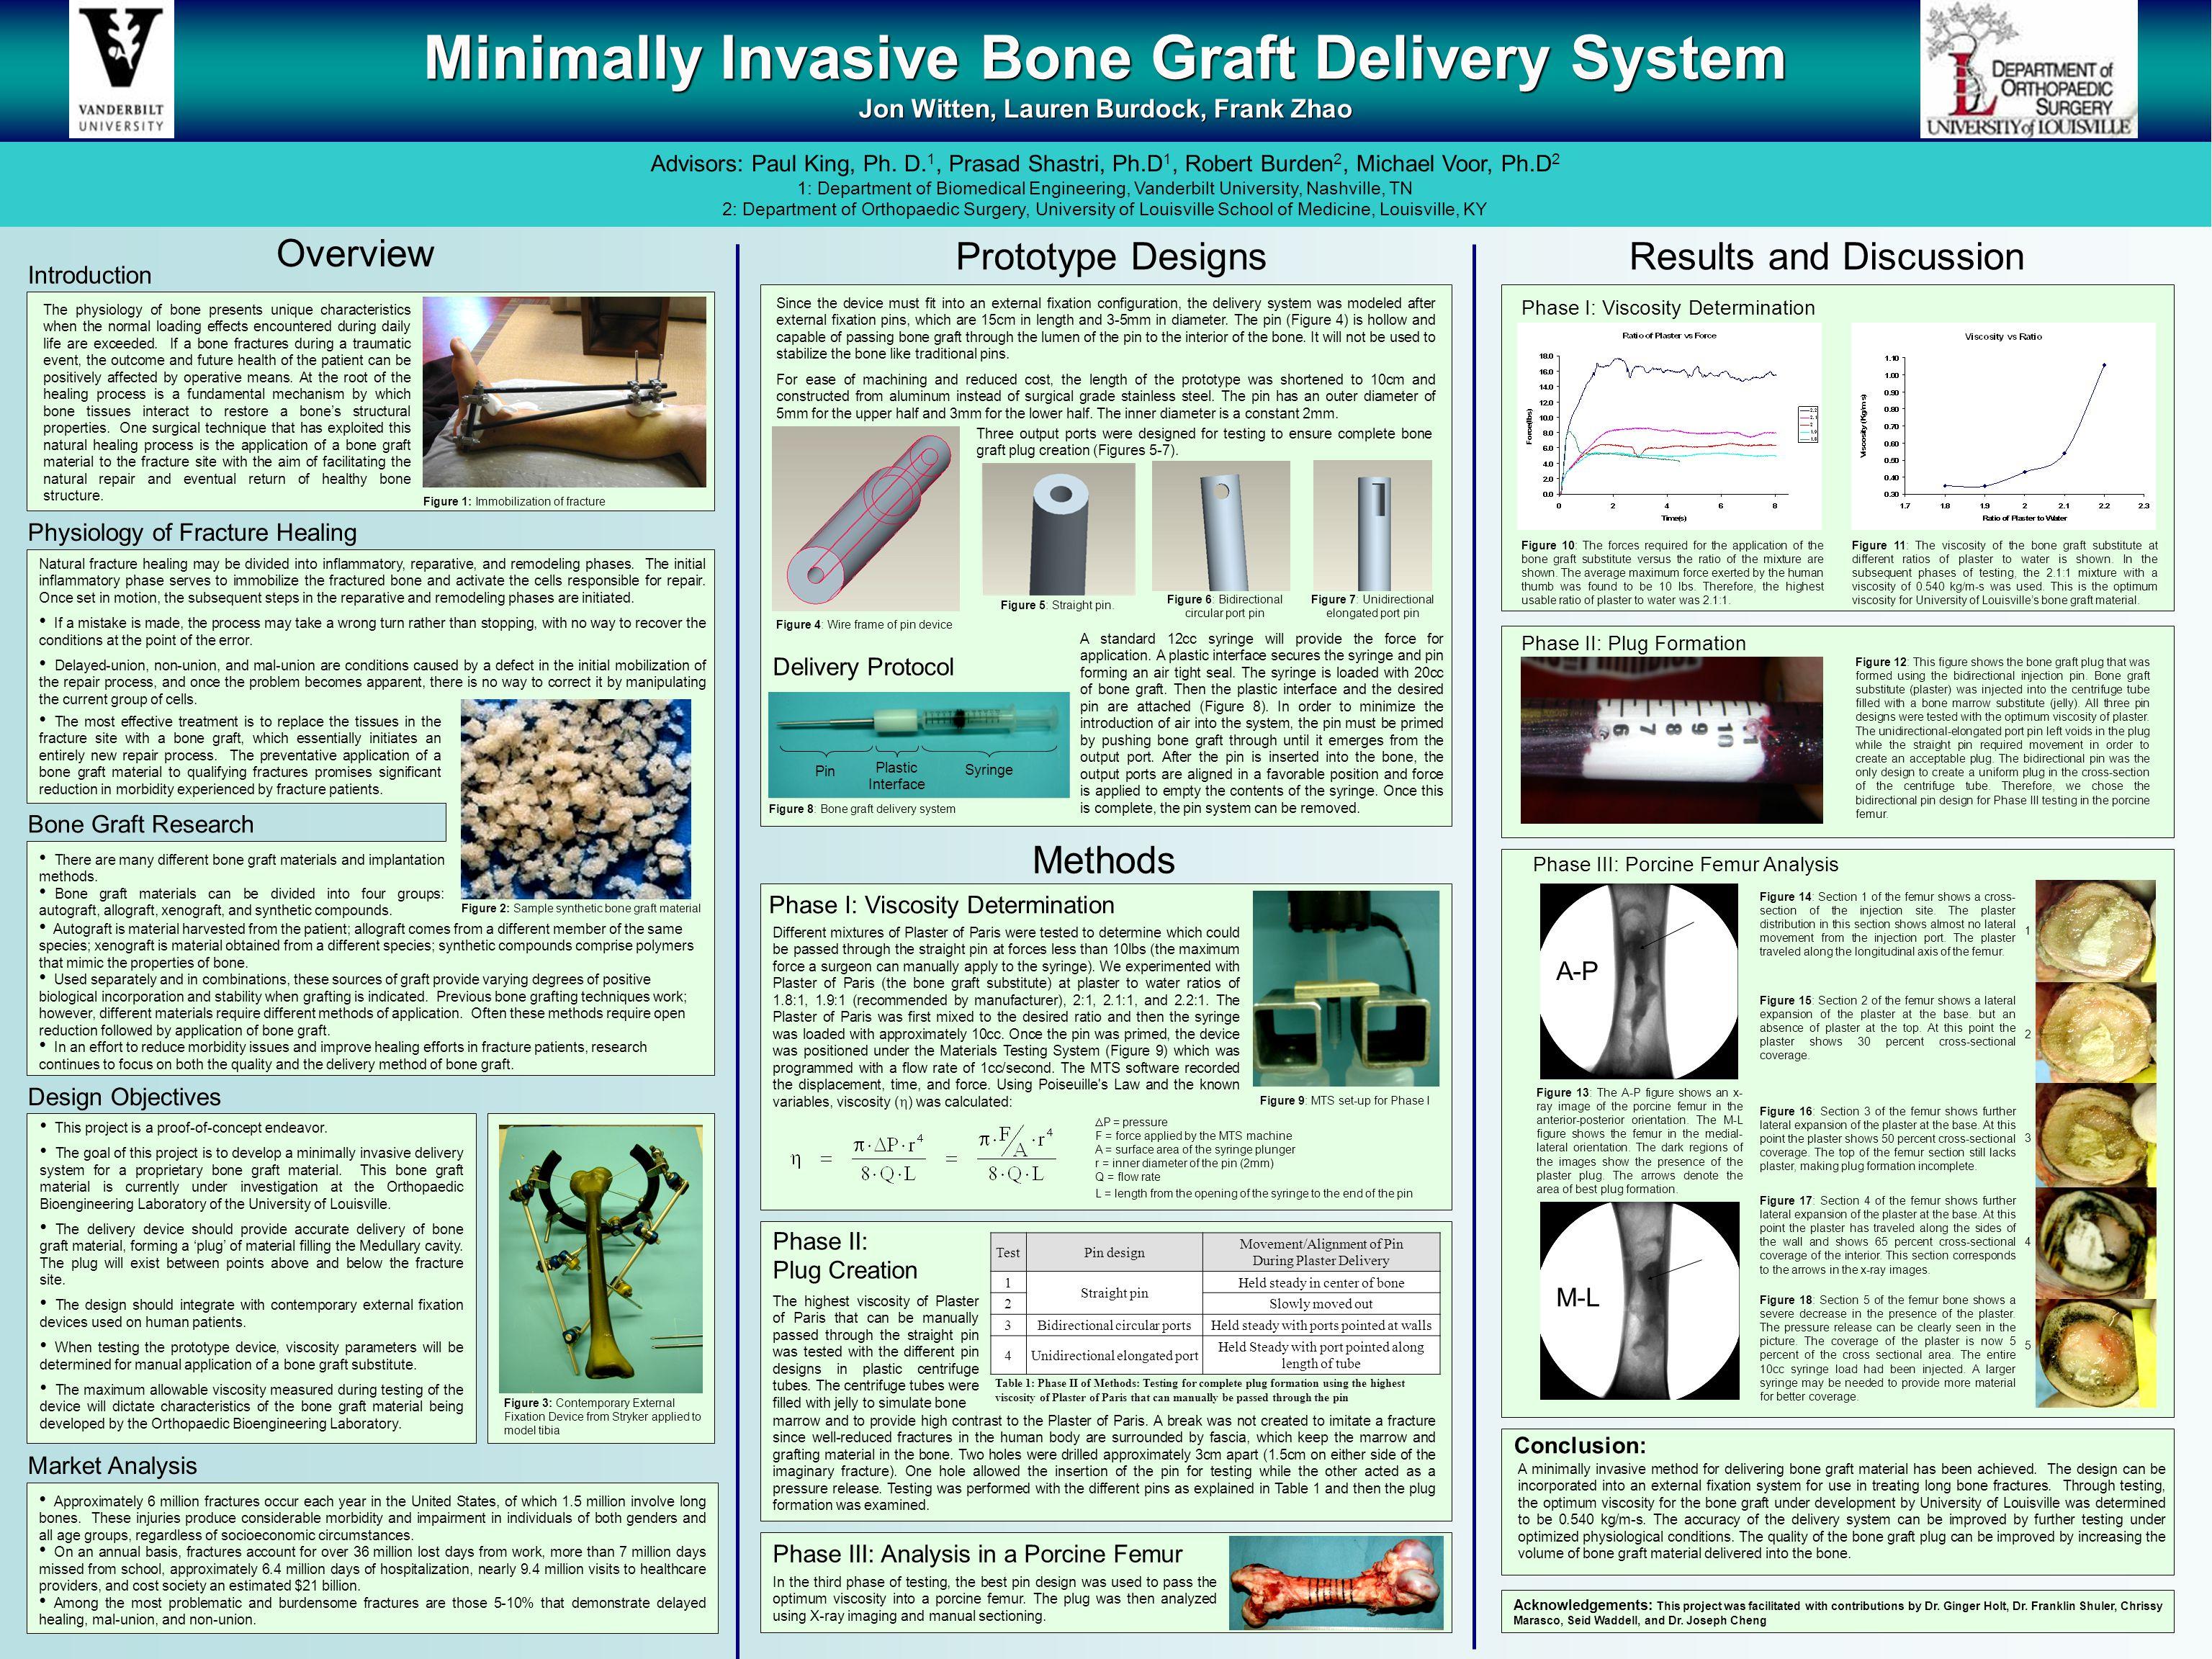 Minimally Invasive Bone Graft Delivery System Jon Witten, Lauren Burdock, Frank Zhao Advisors: Paul King, Ph.